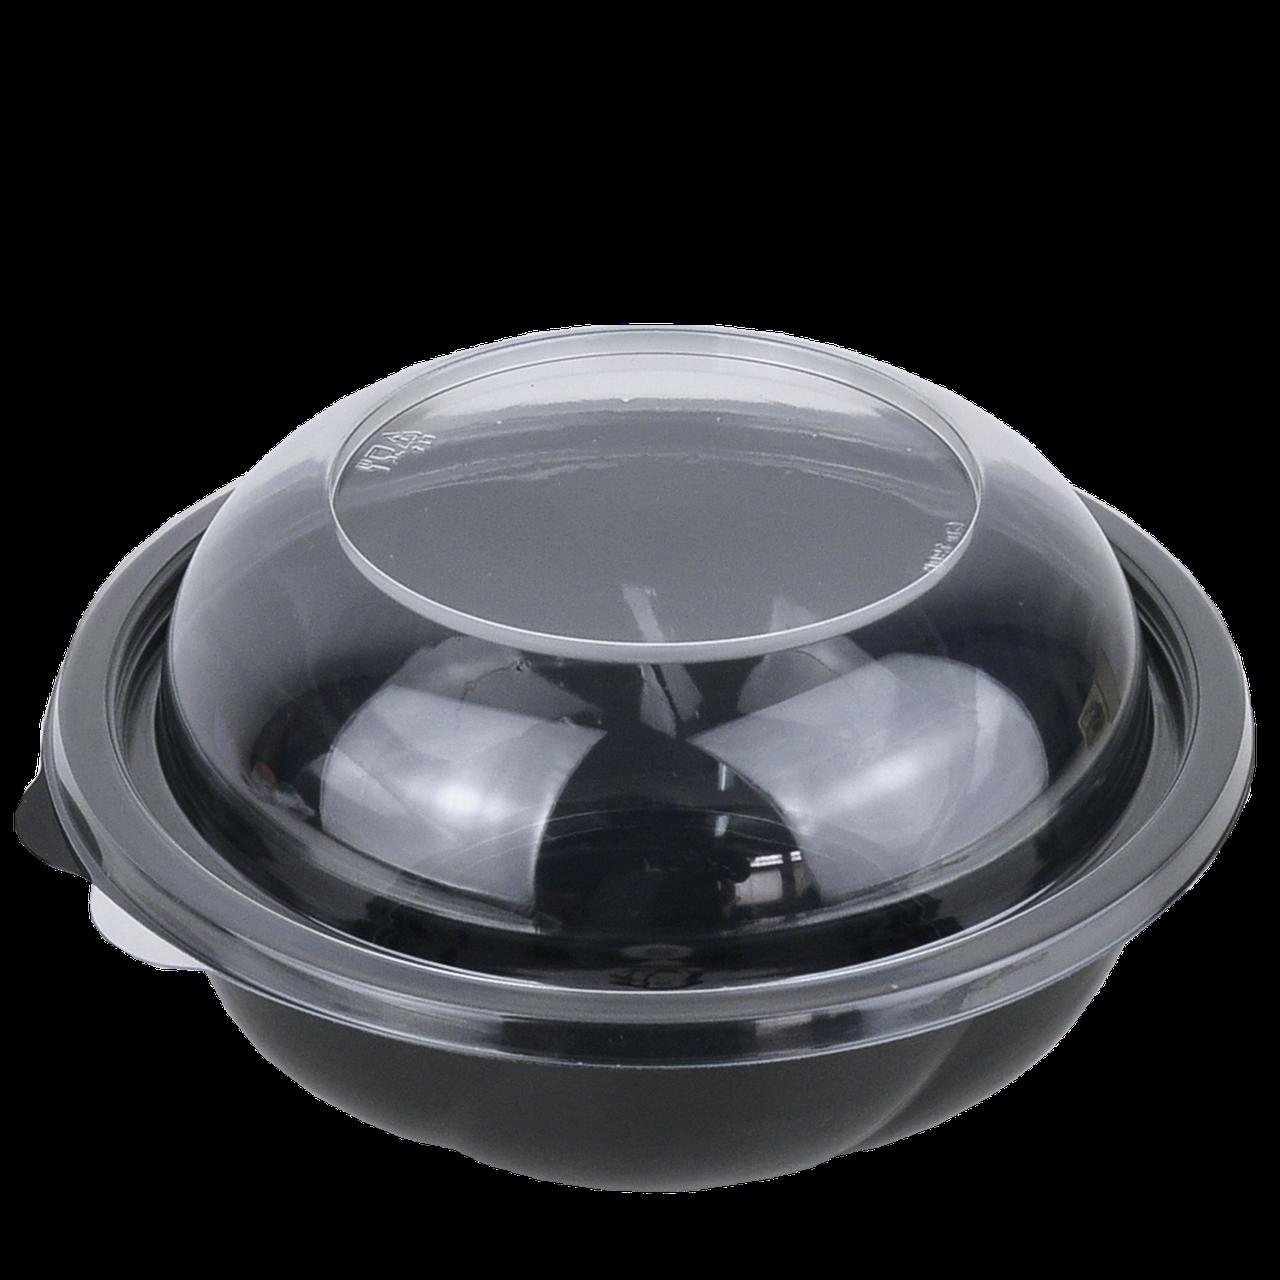 Контейнер з кришкою круглий чорний 1000 мл